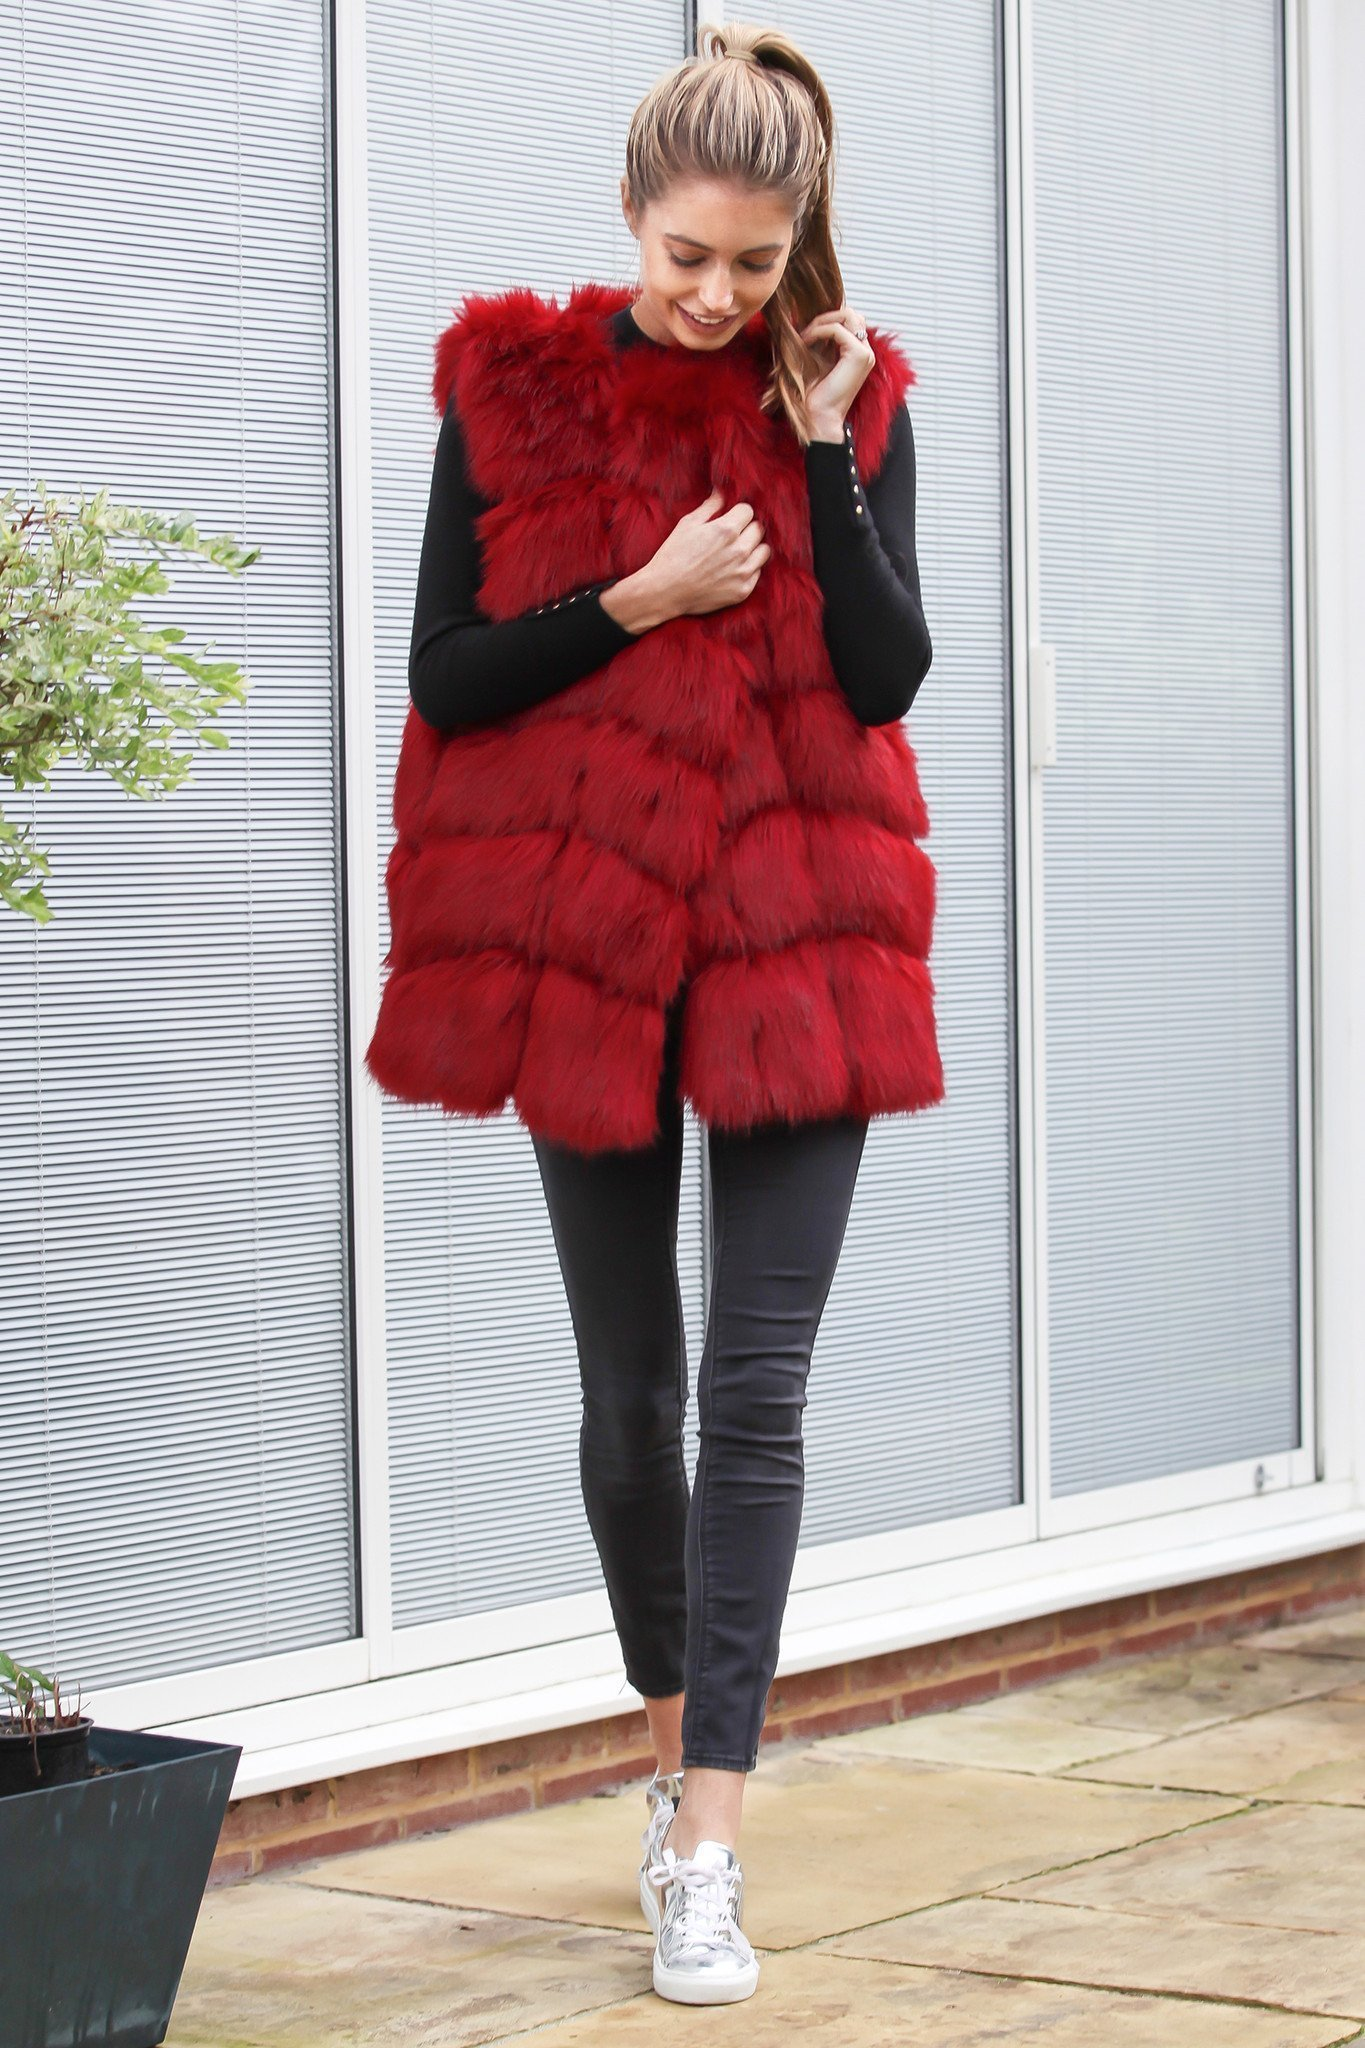 Rote Jacke für Damen kombinieren (150 Kombinationen